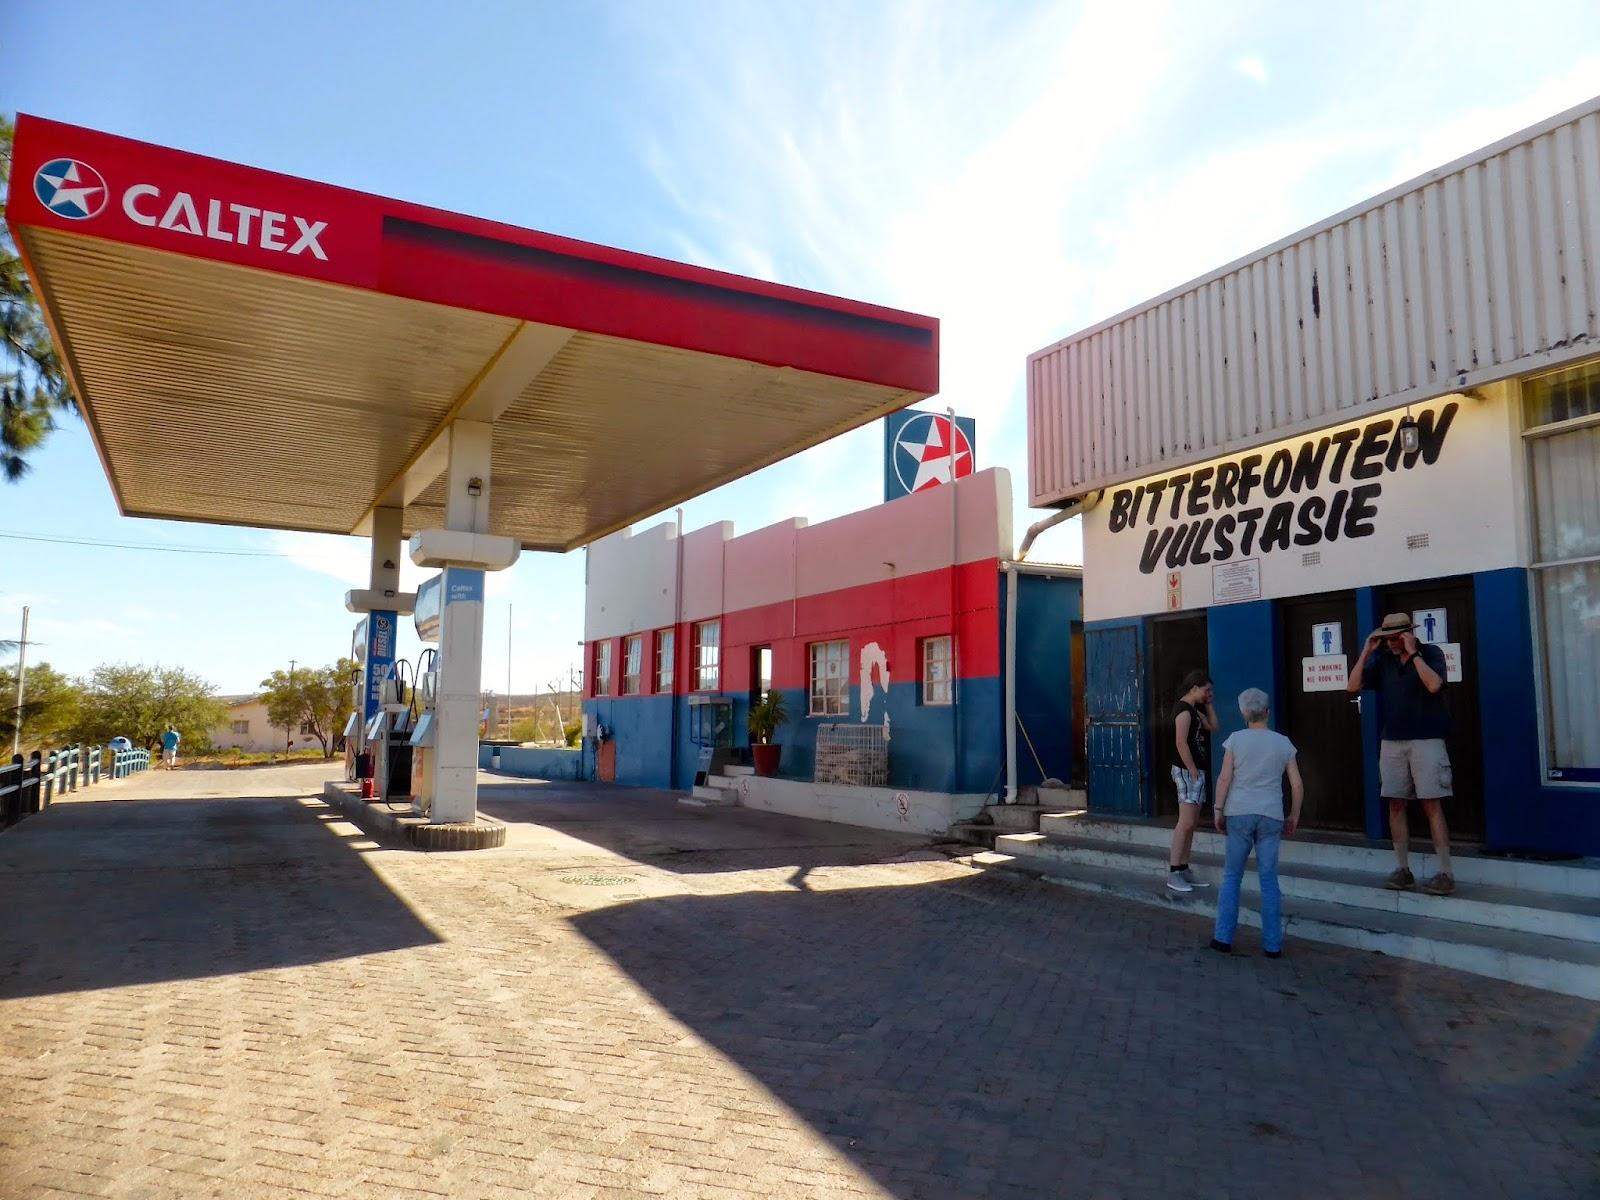 Bitterfontein Vulstasie.jpg